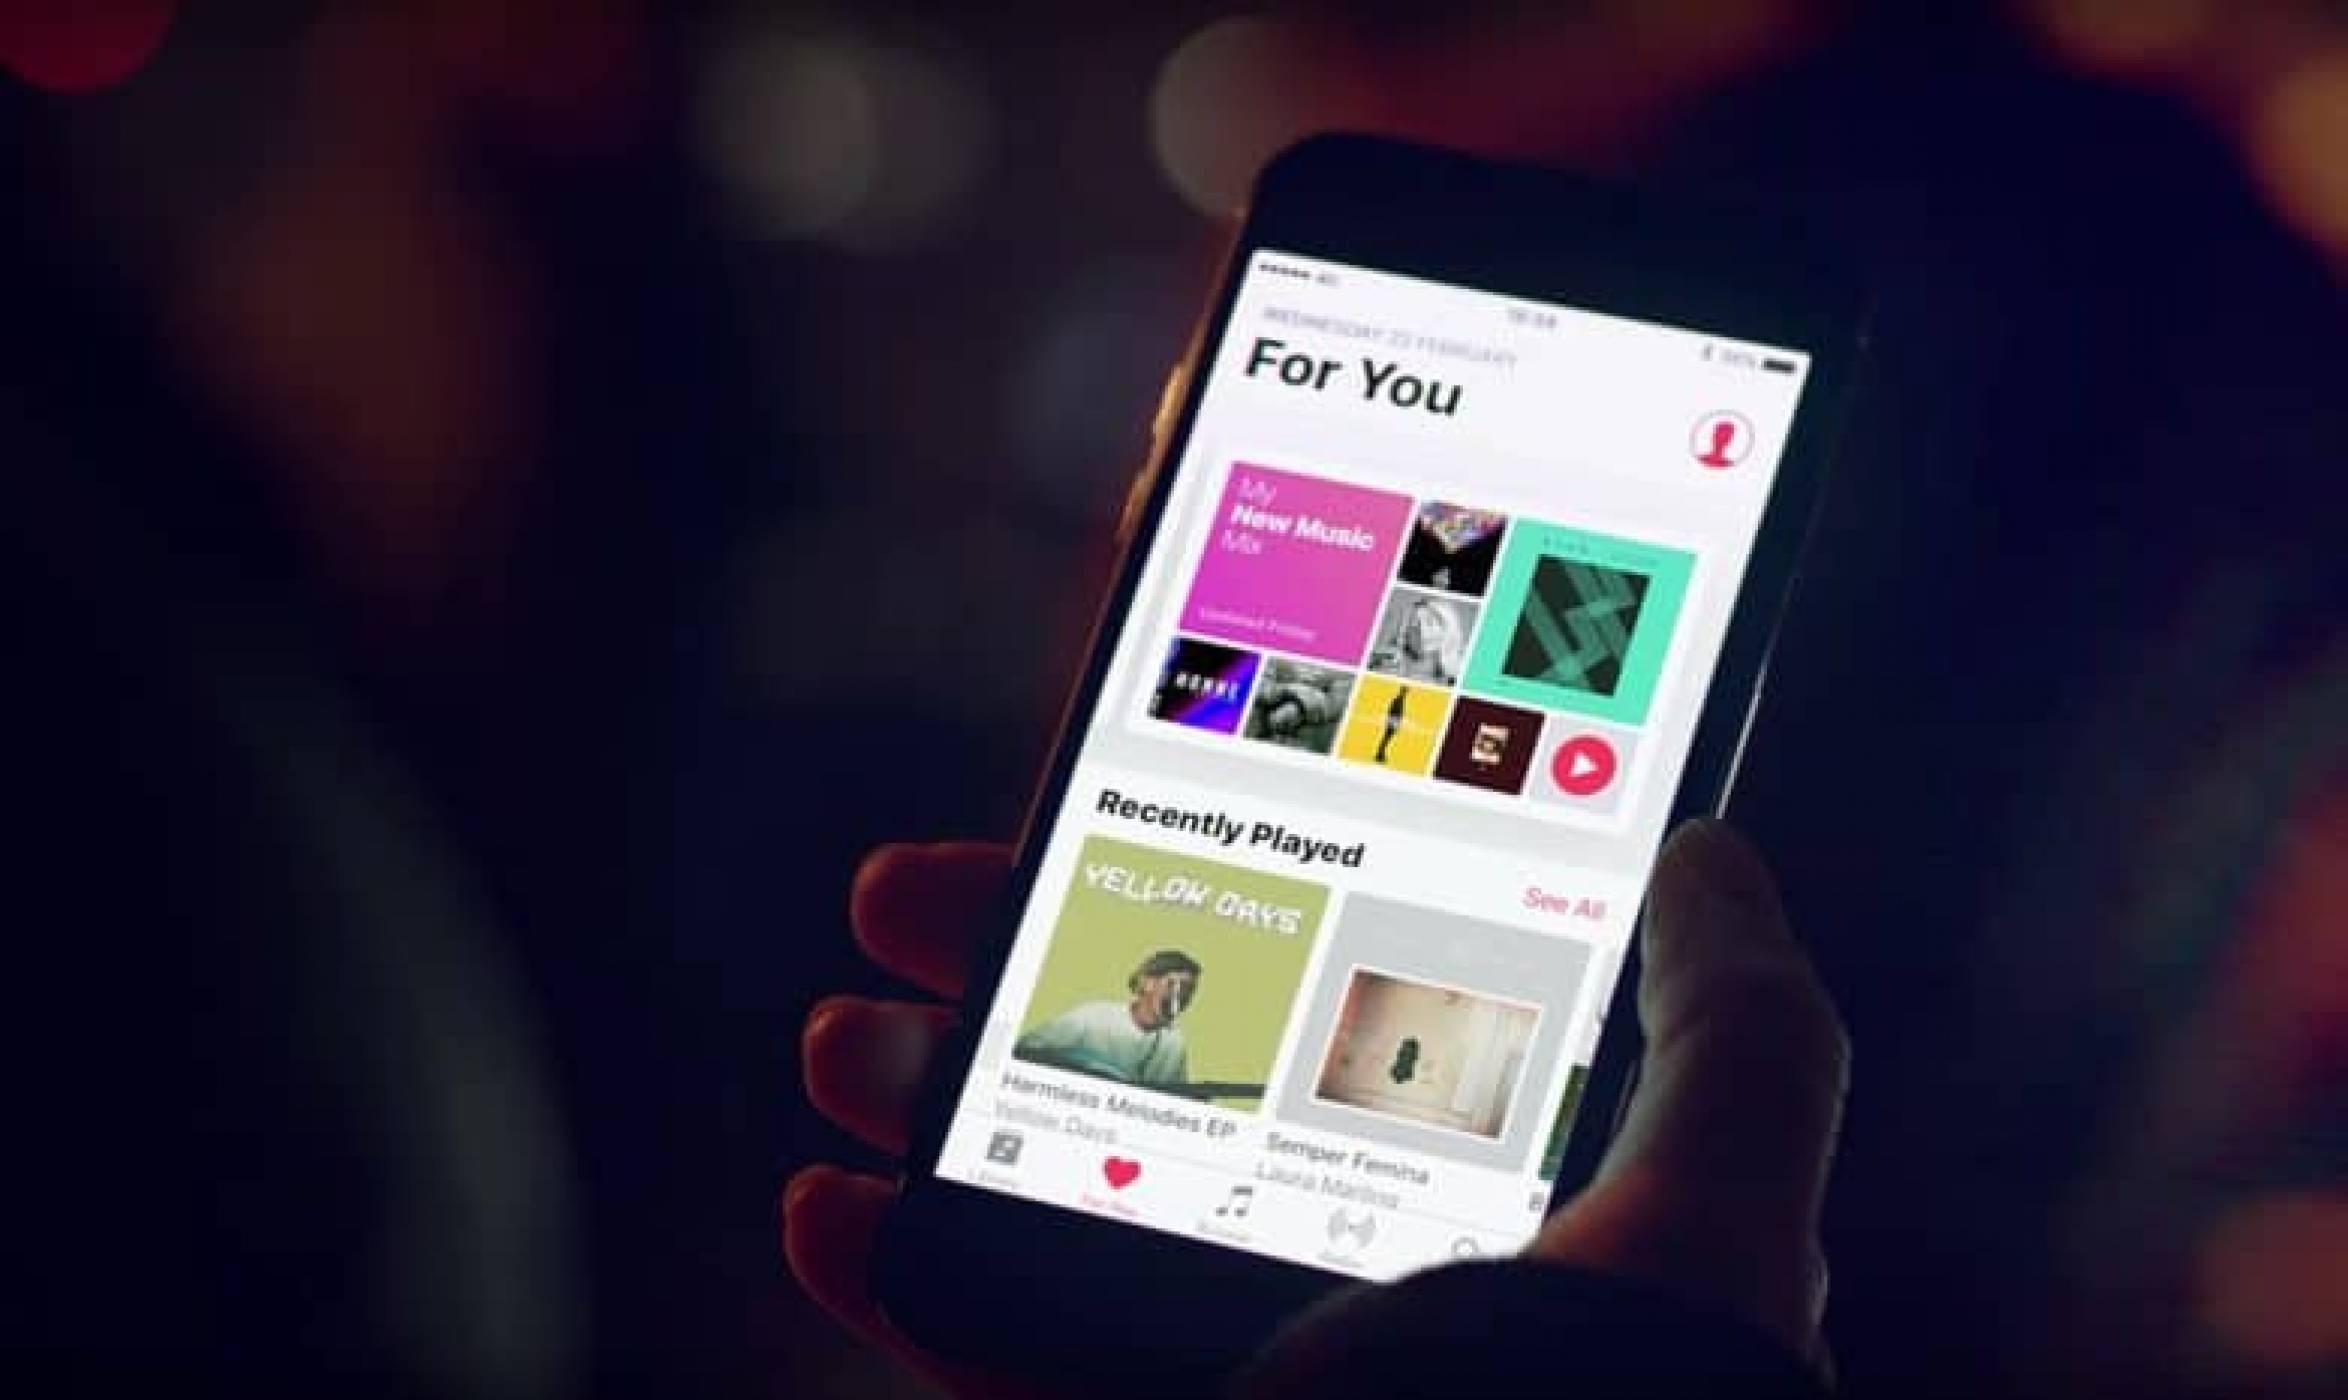 Apple ще похарчи 4.2 млрд. долара за оригинално съдържание до 2022 г.